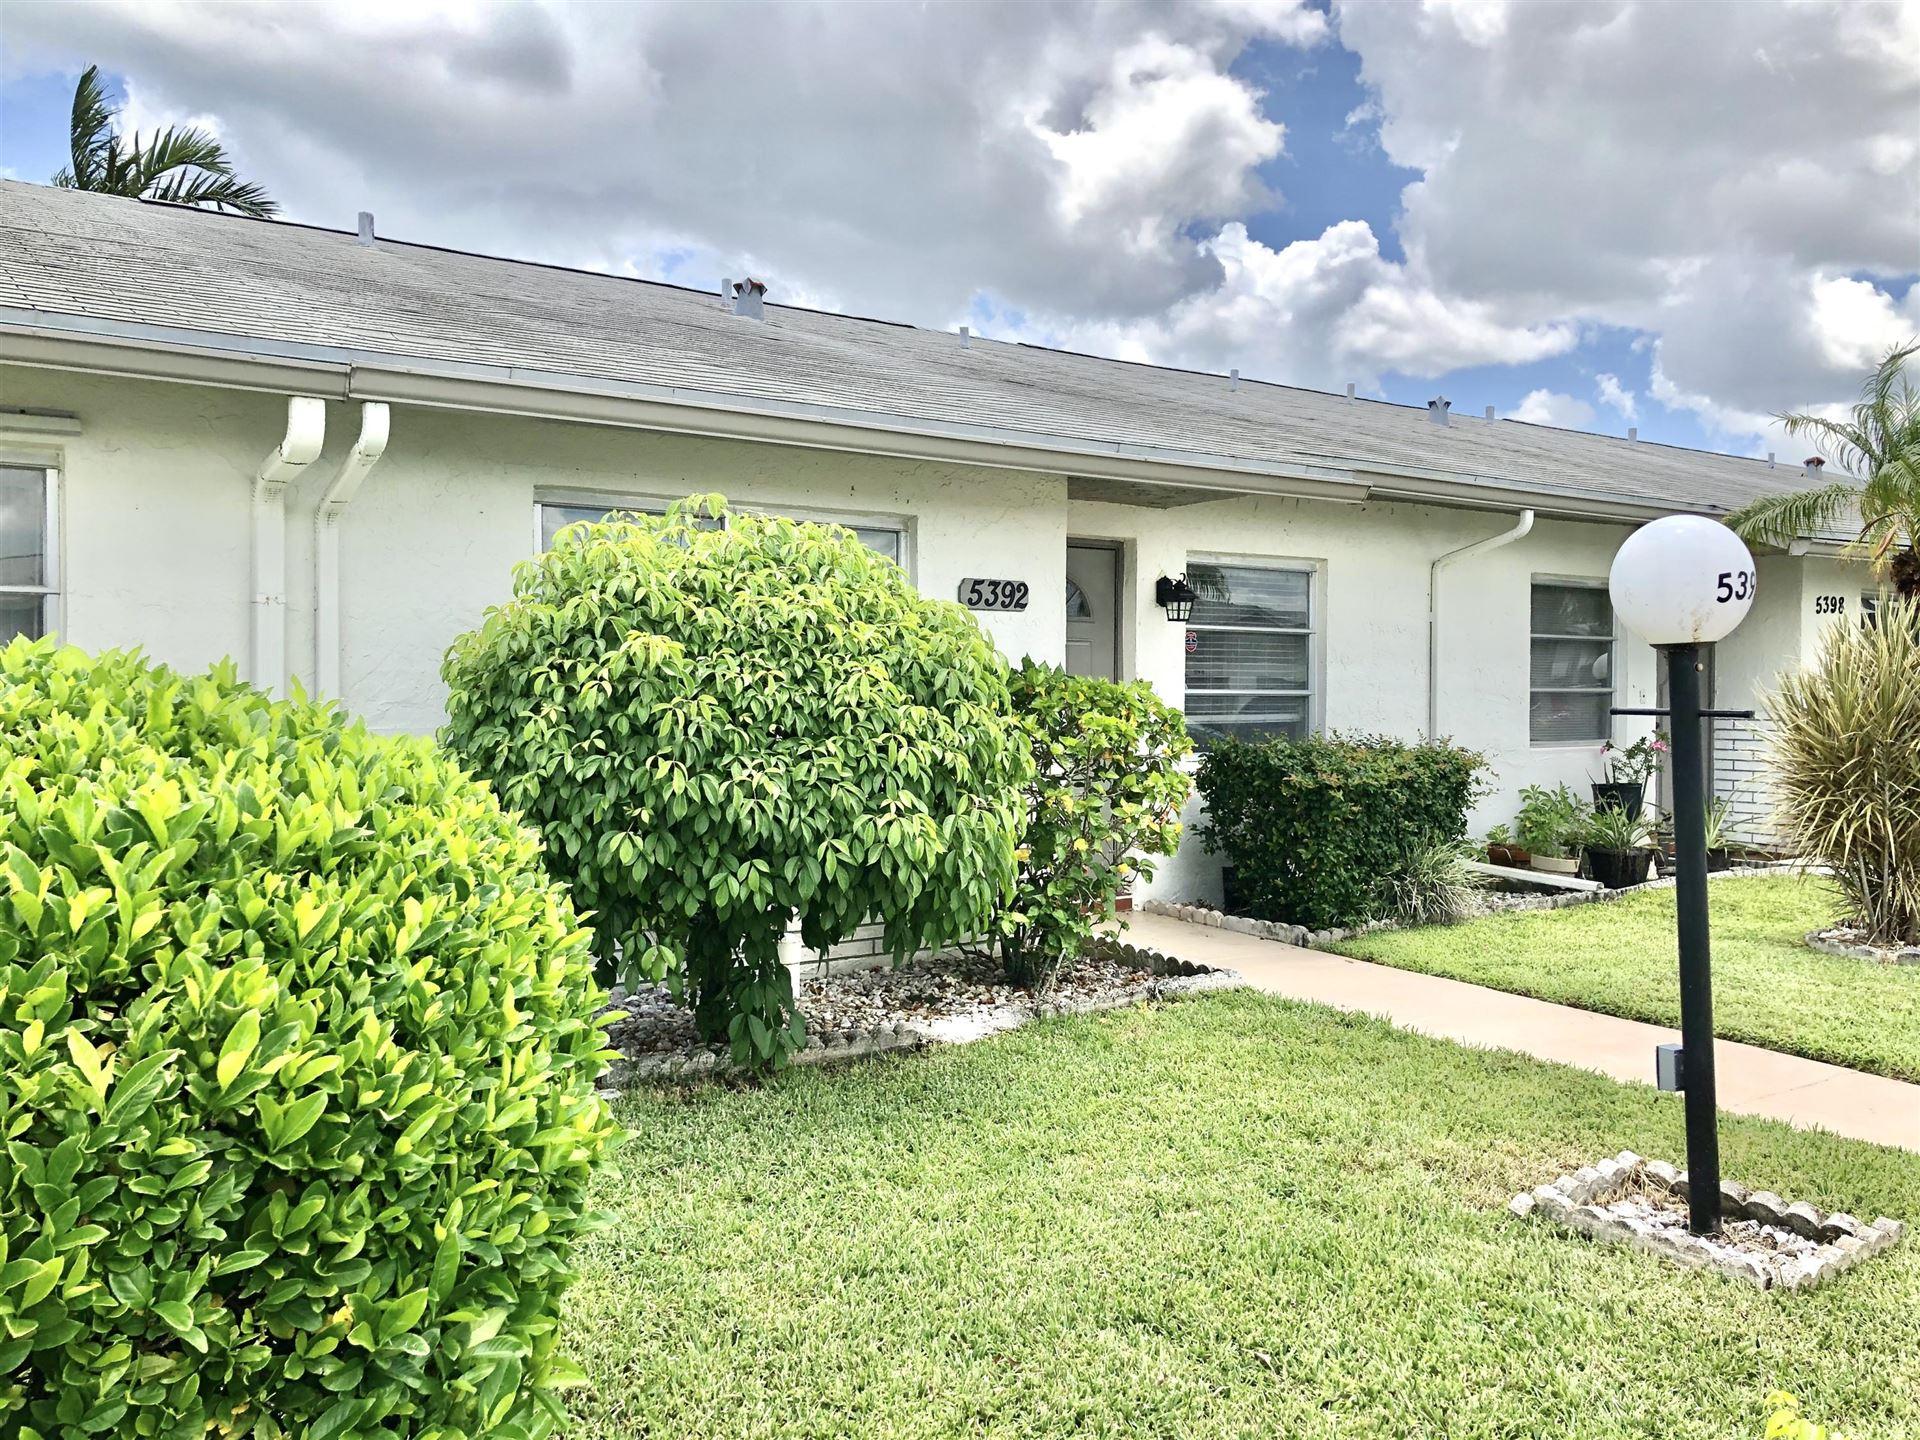 5392 Glenda Street, West Palm Beach, FL 33417 - #: RX-10633567